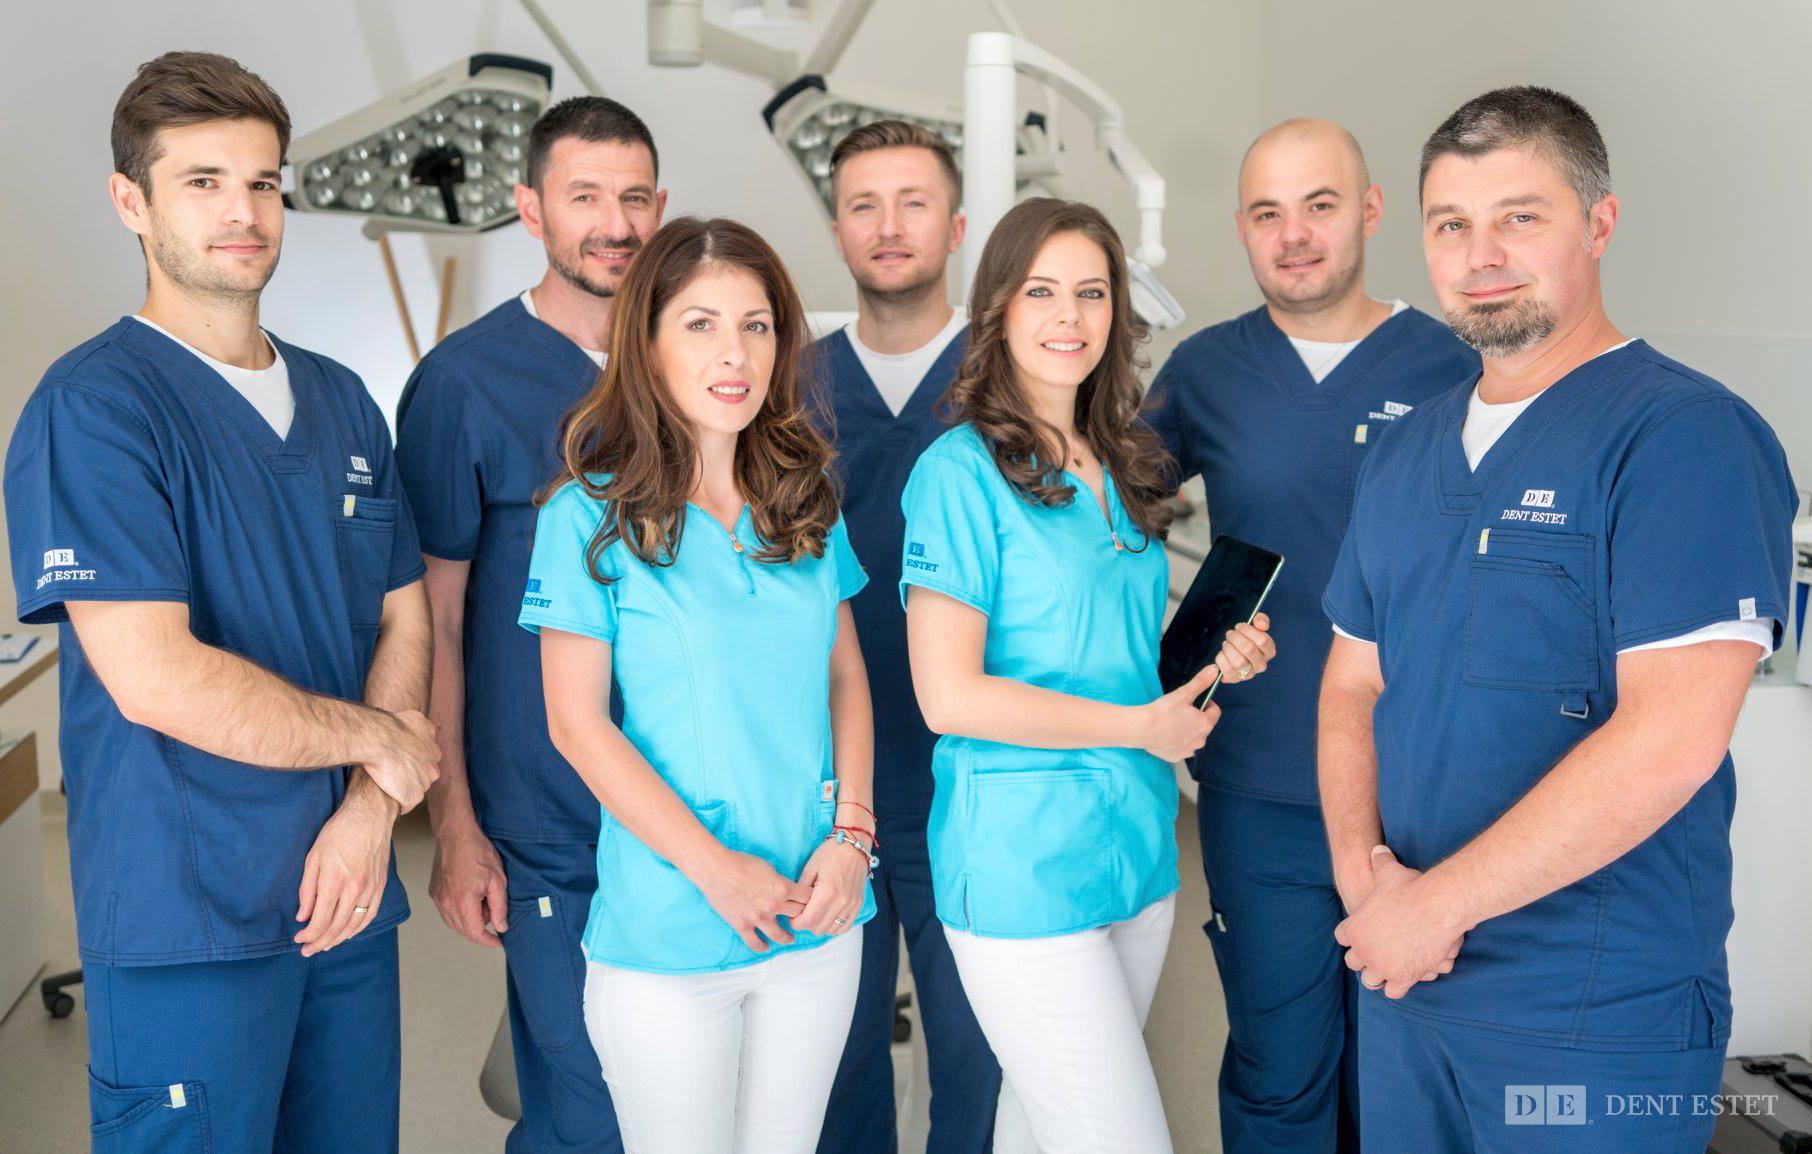 DENT ESTET - Prima clinică dentară din România care introduce testarea pentru depistarea Covid-19 pentru personalul medical și pacienți